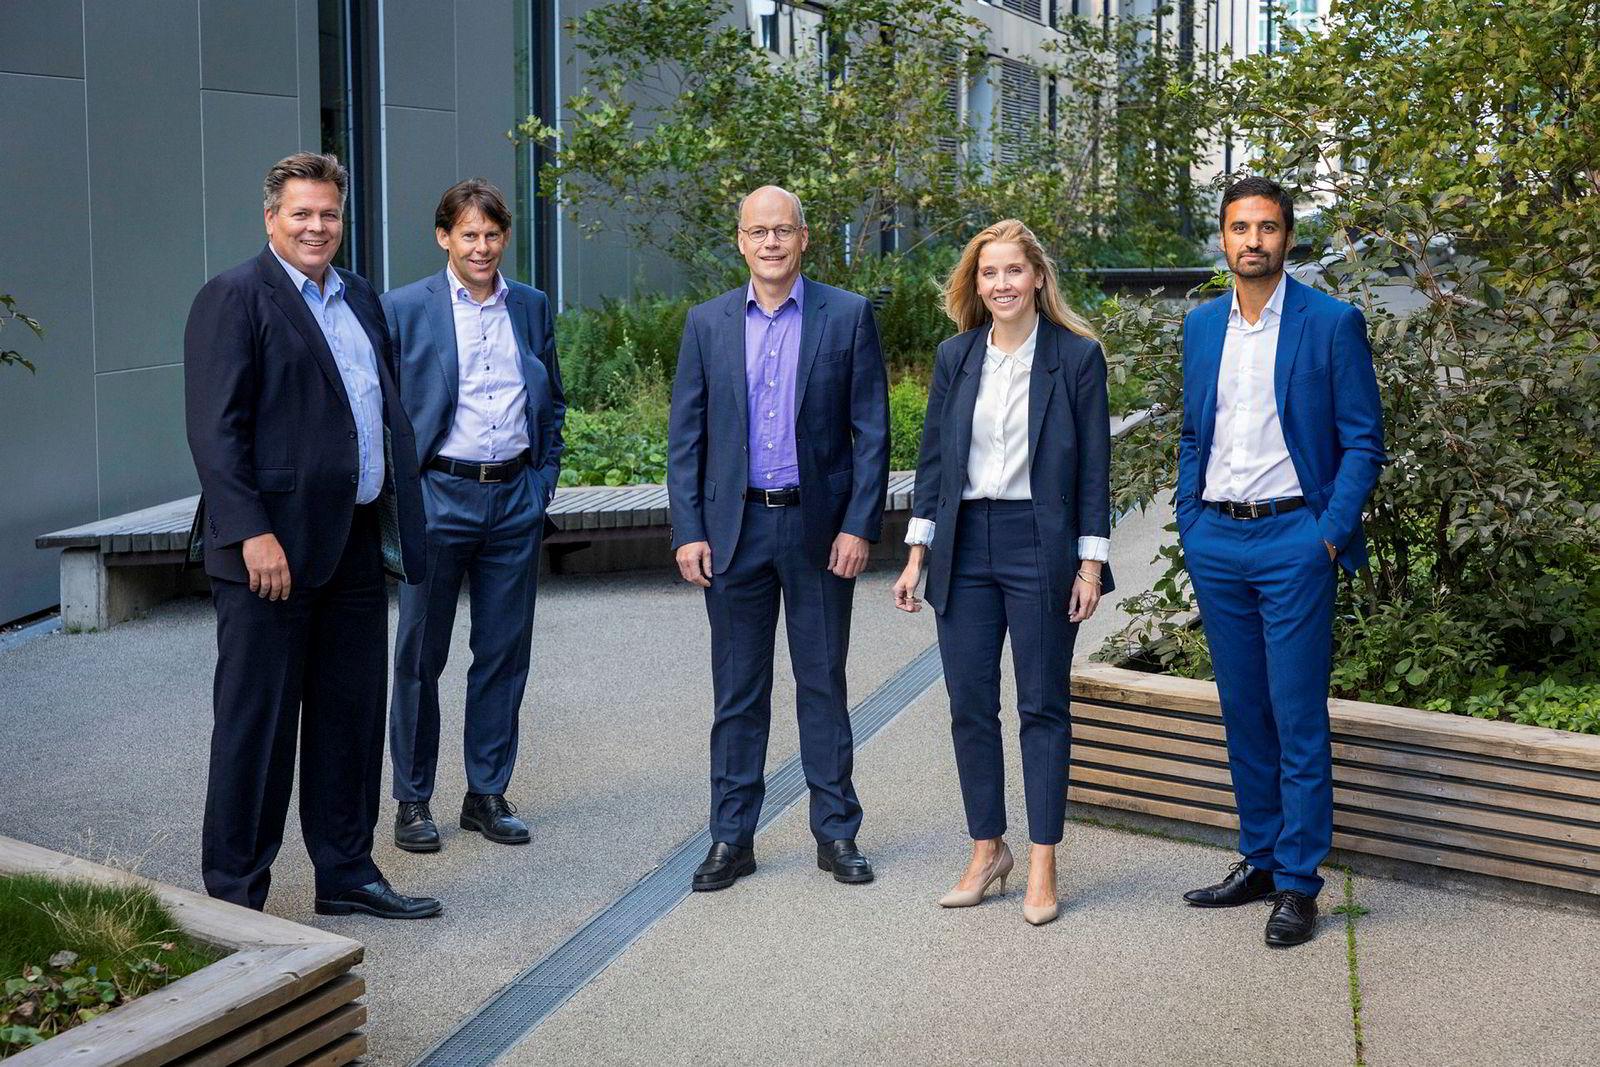 Fra venstre, Torje Gundersen, Kevin Dalby, Kjartan Farestveit, Anette Hjertø og Shakeb Syed i forvaltningsteamet til DNB Asset Management.